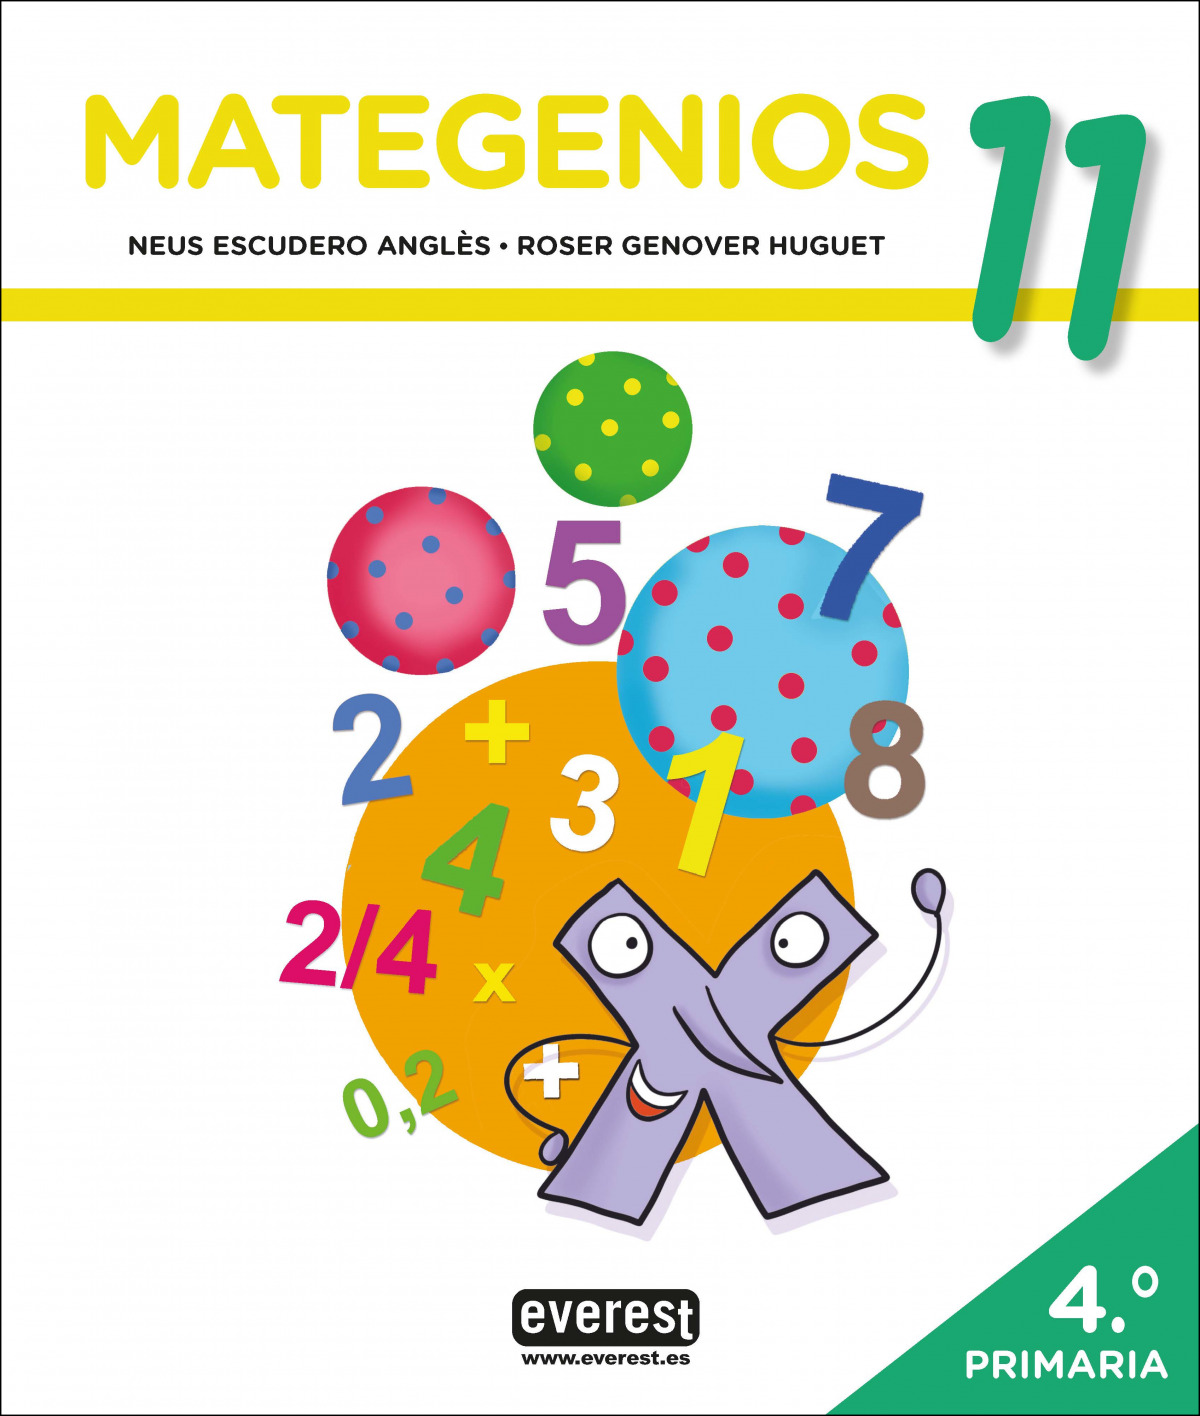 Mategenios 11